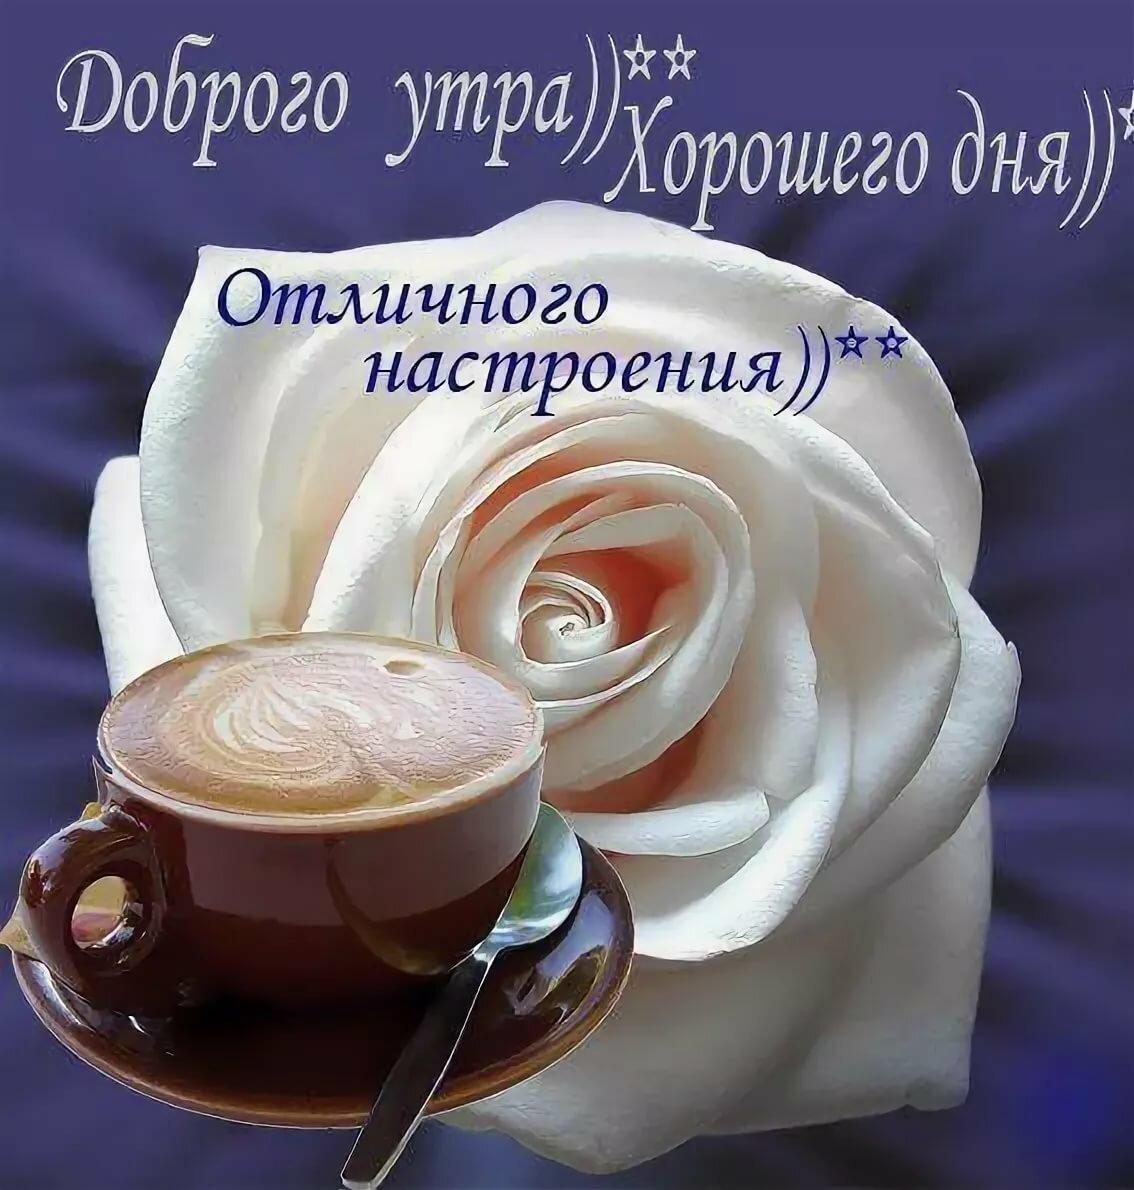 Приколы открытки с добрым утром и хорошим настроением, мудрые слова завтра